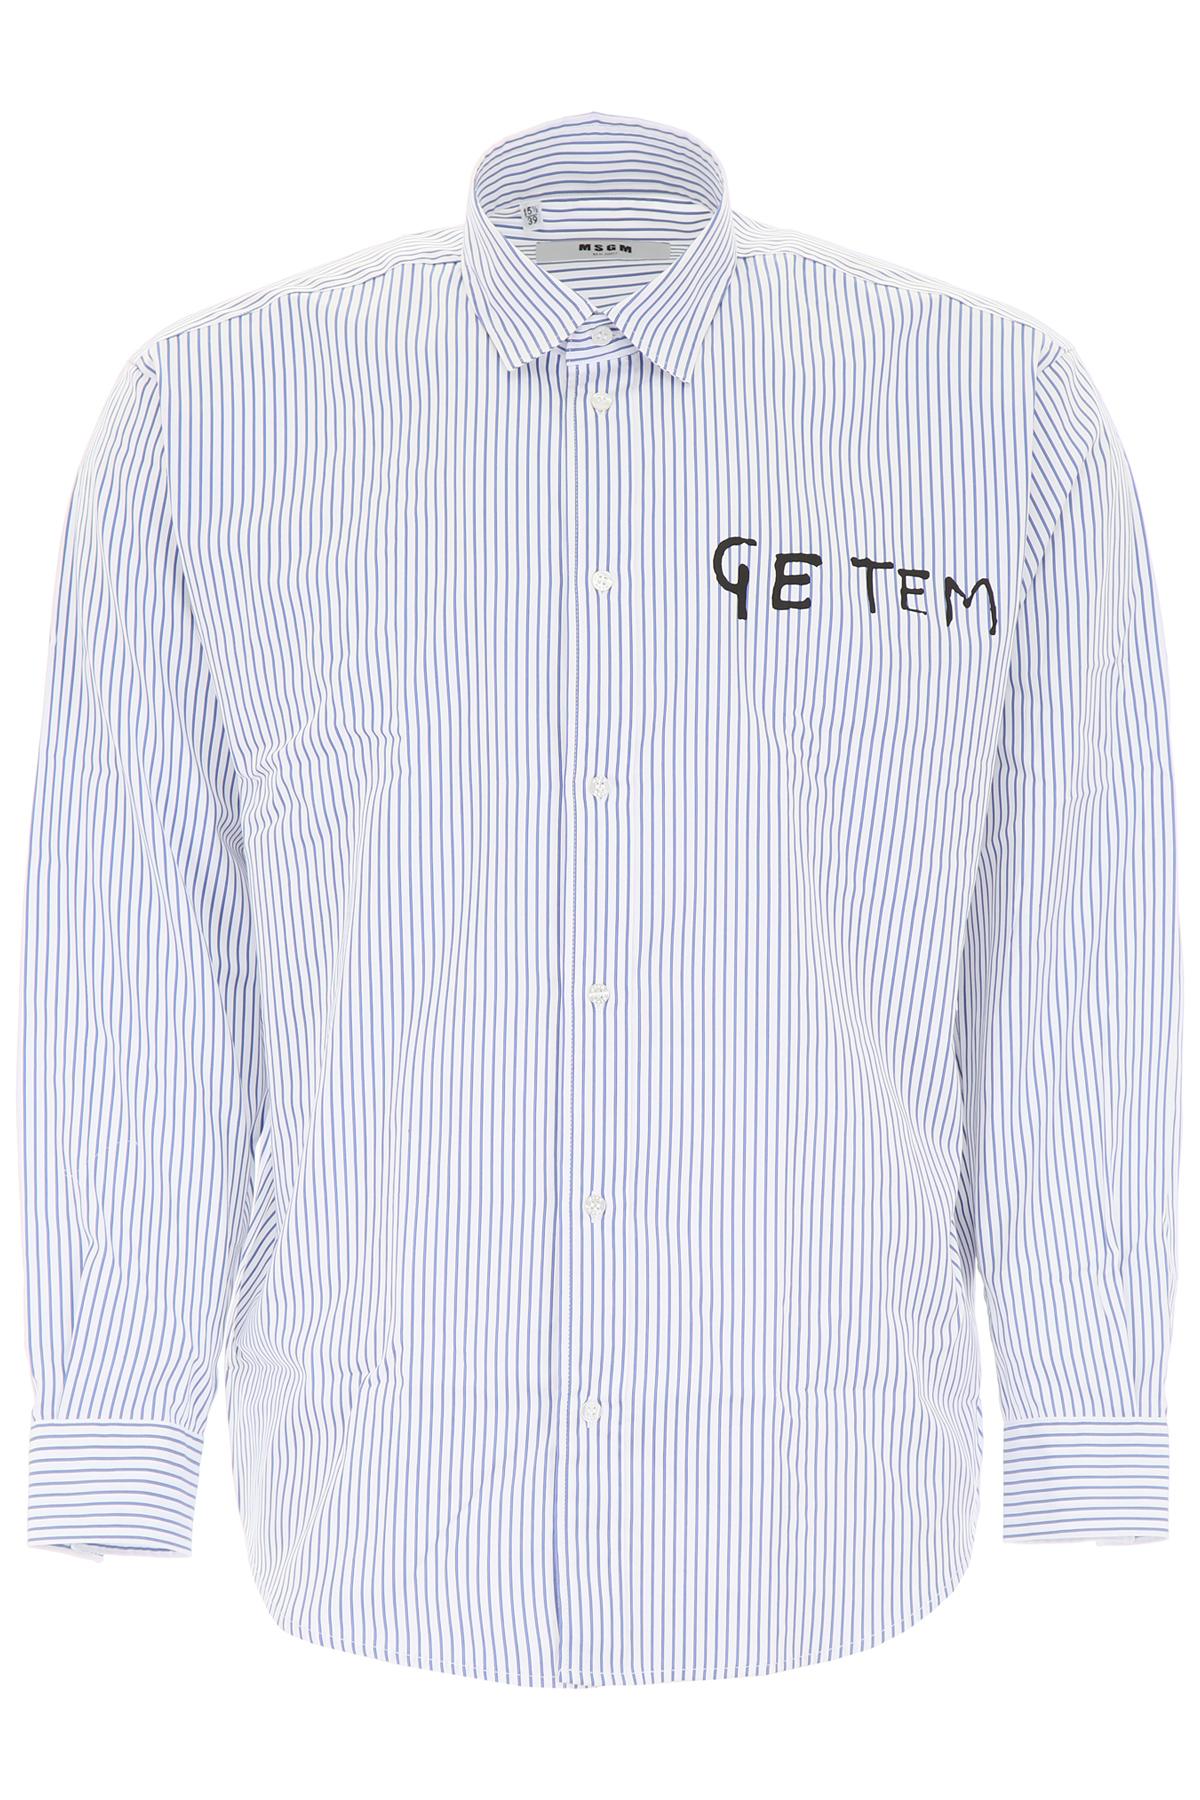 GE TEM SHIRT